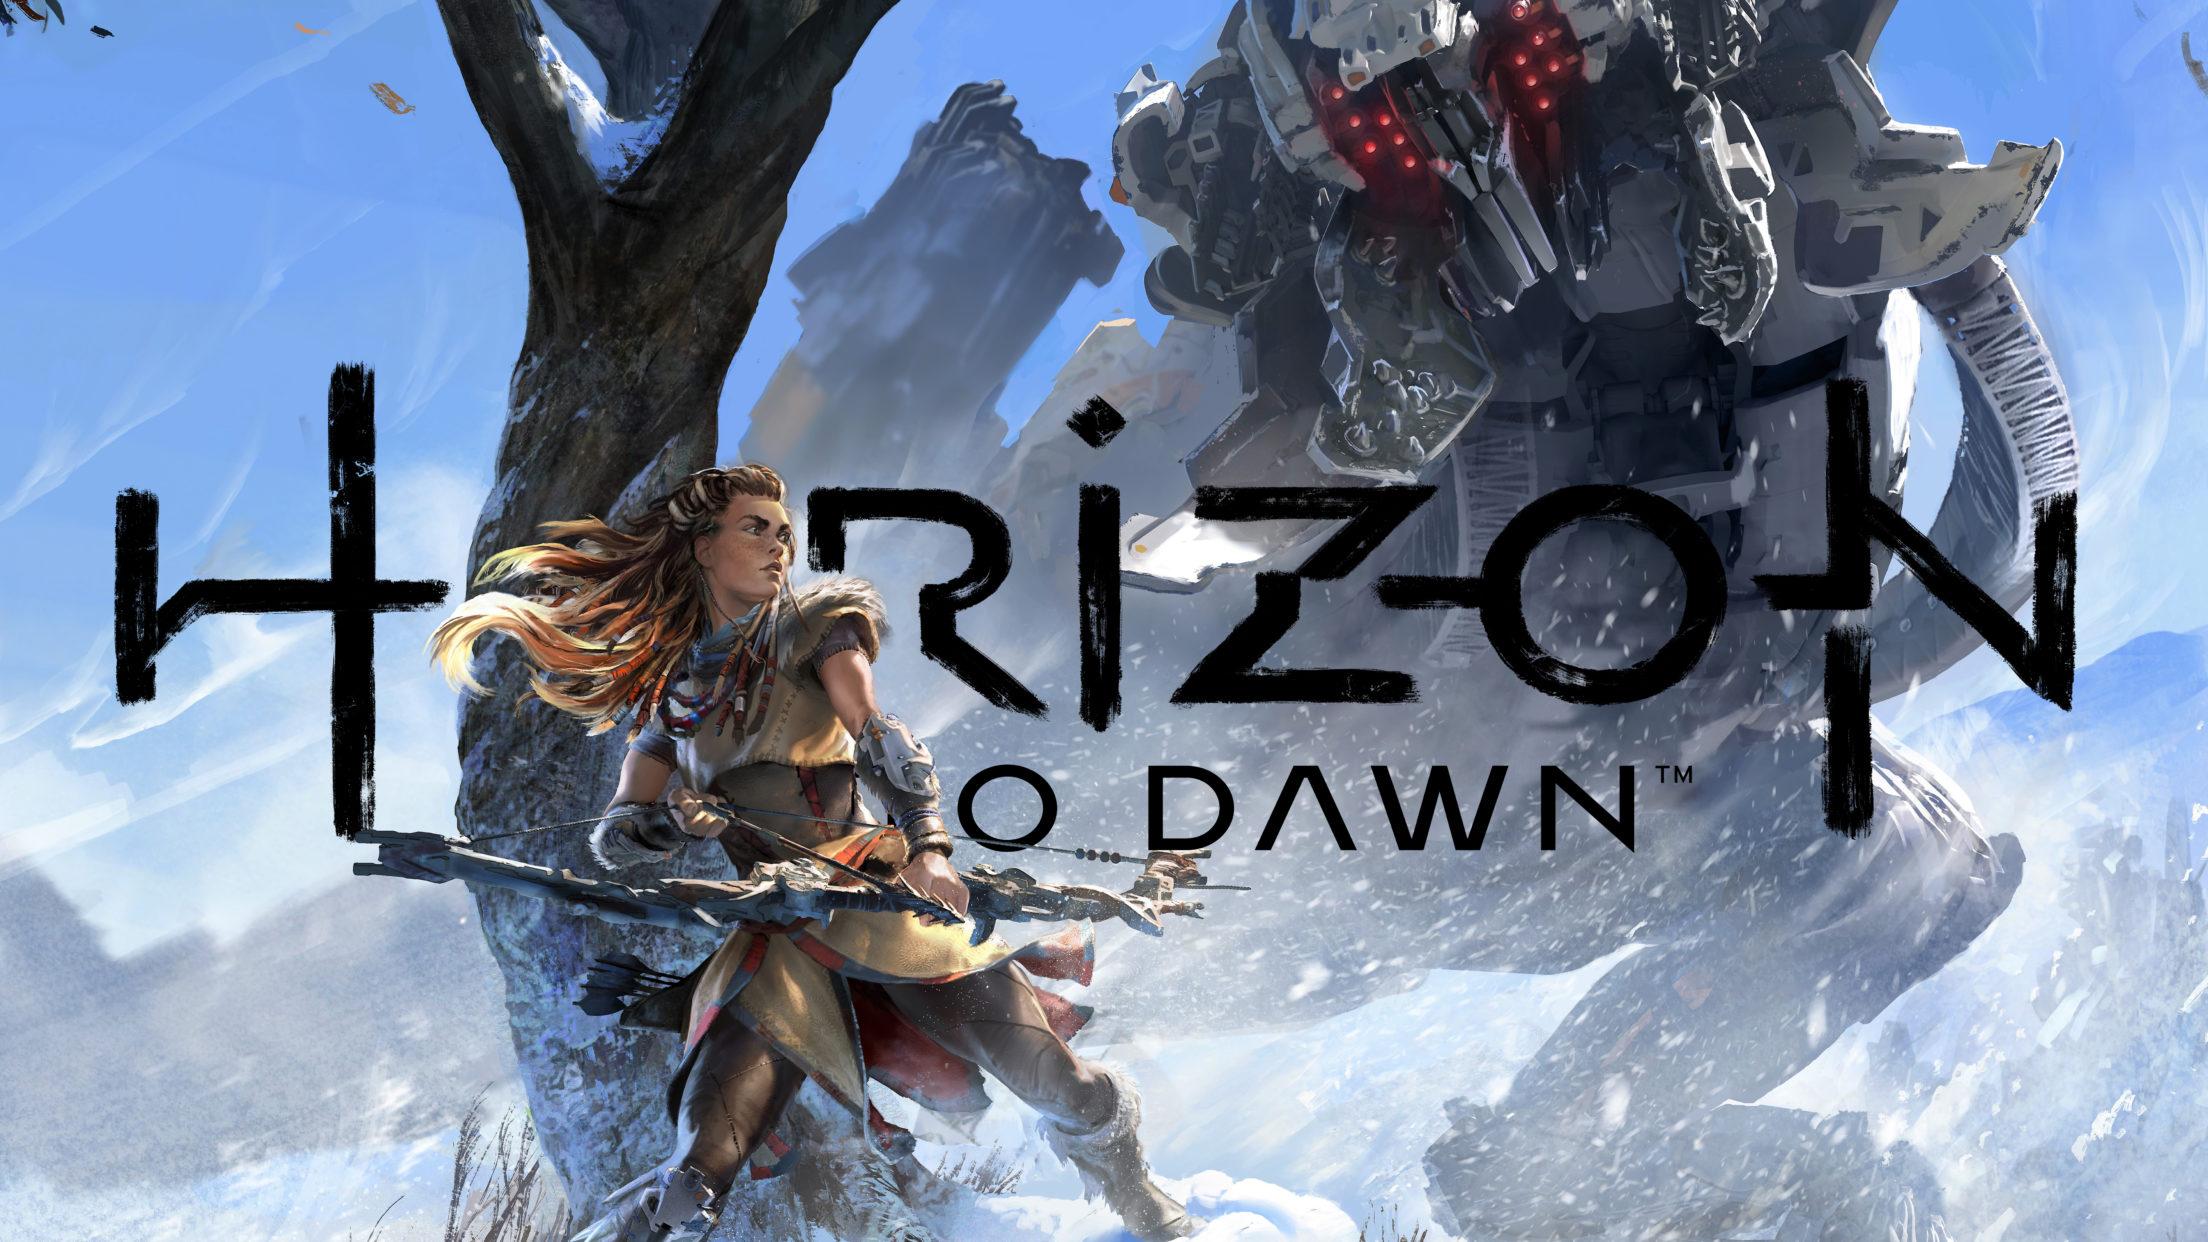 Horizon Zero Dawn Desktop Background: Horizon Zero Dawn 8K Desktop Background